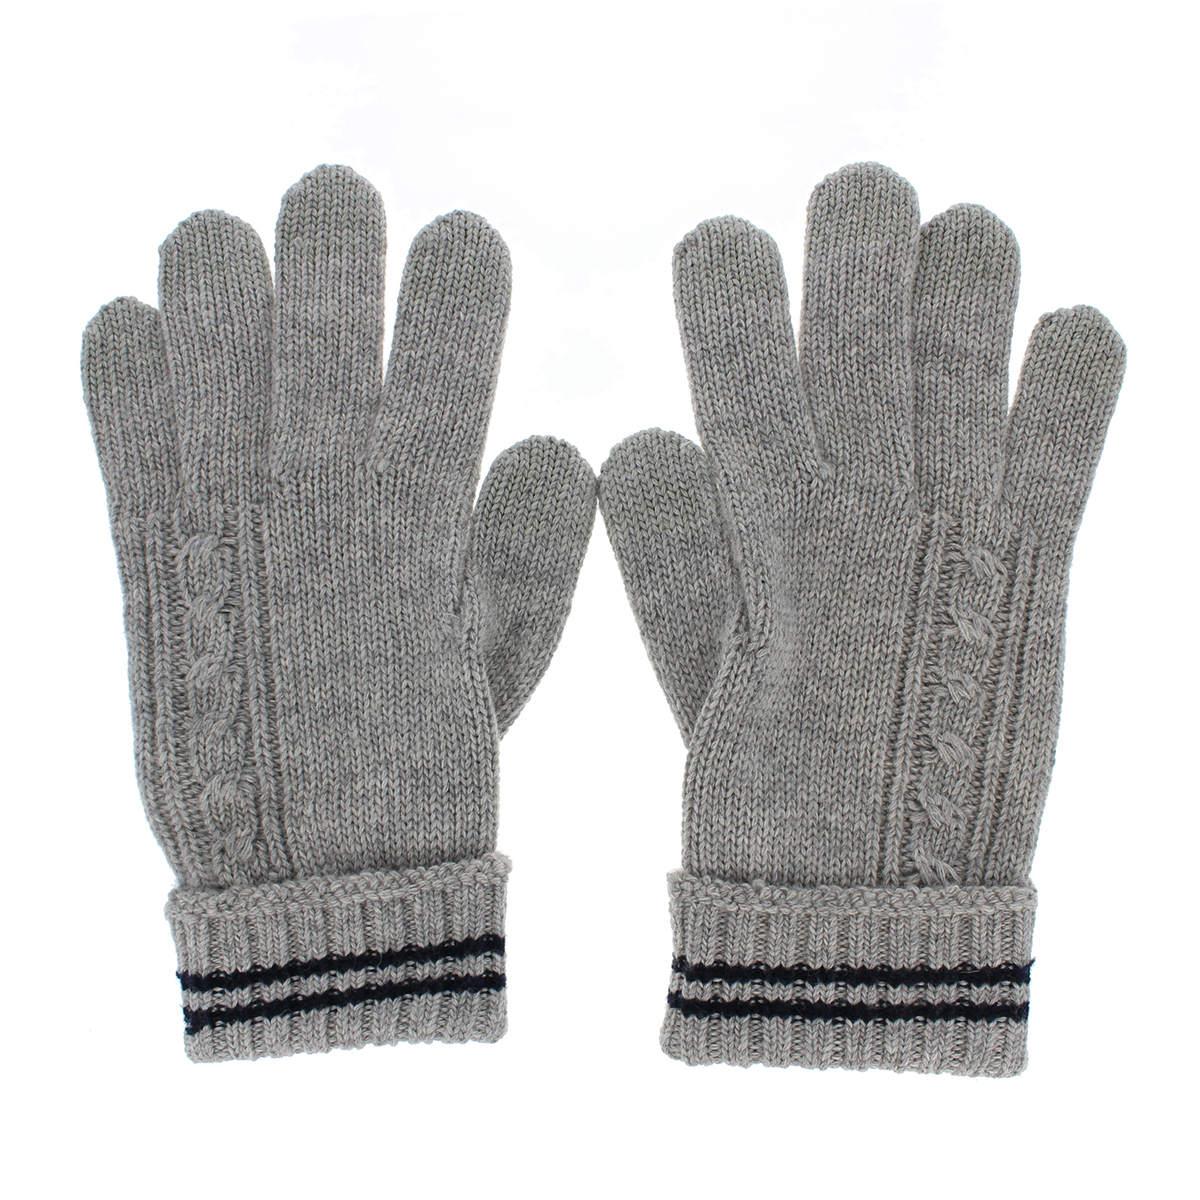 手袋 メンズ ニット オロビアンコ スマホ対応 防寒 アウトドア 暖かい スポーツ ブランド カジュアル プレゼント 男女ペア企画